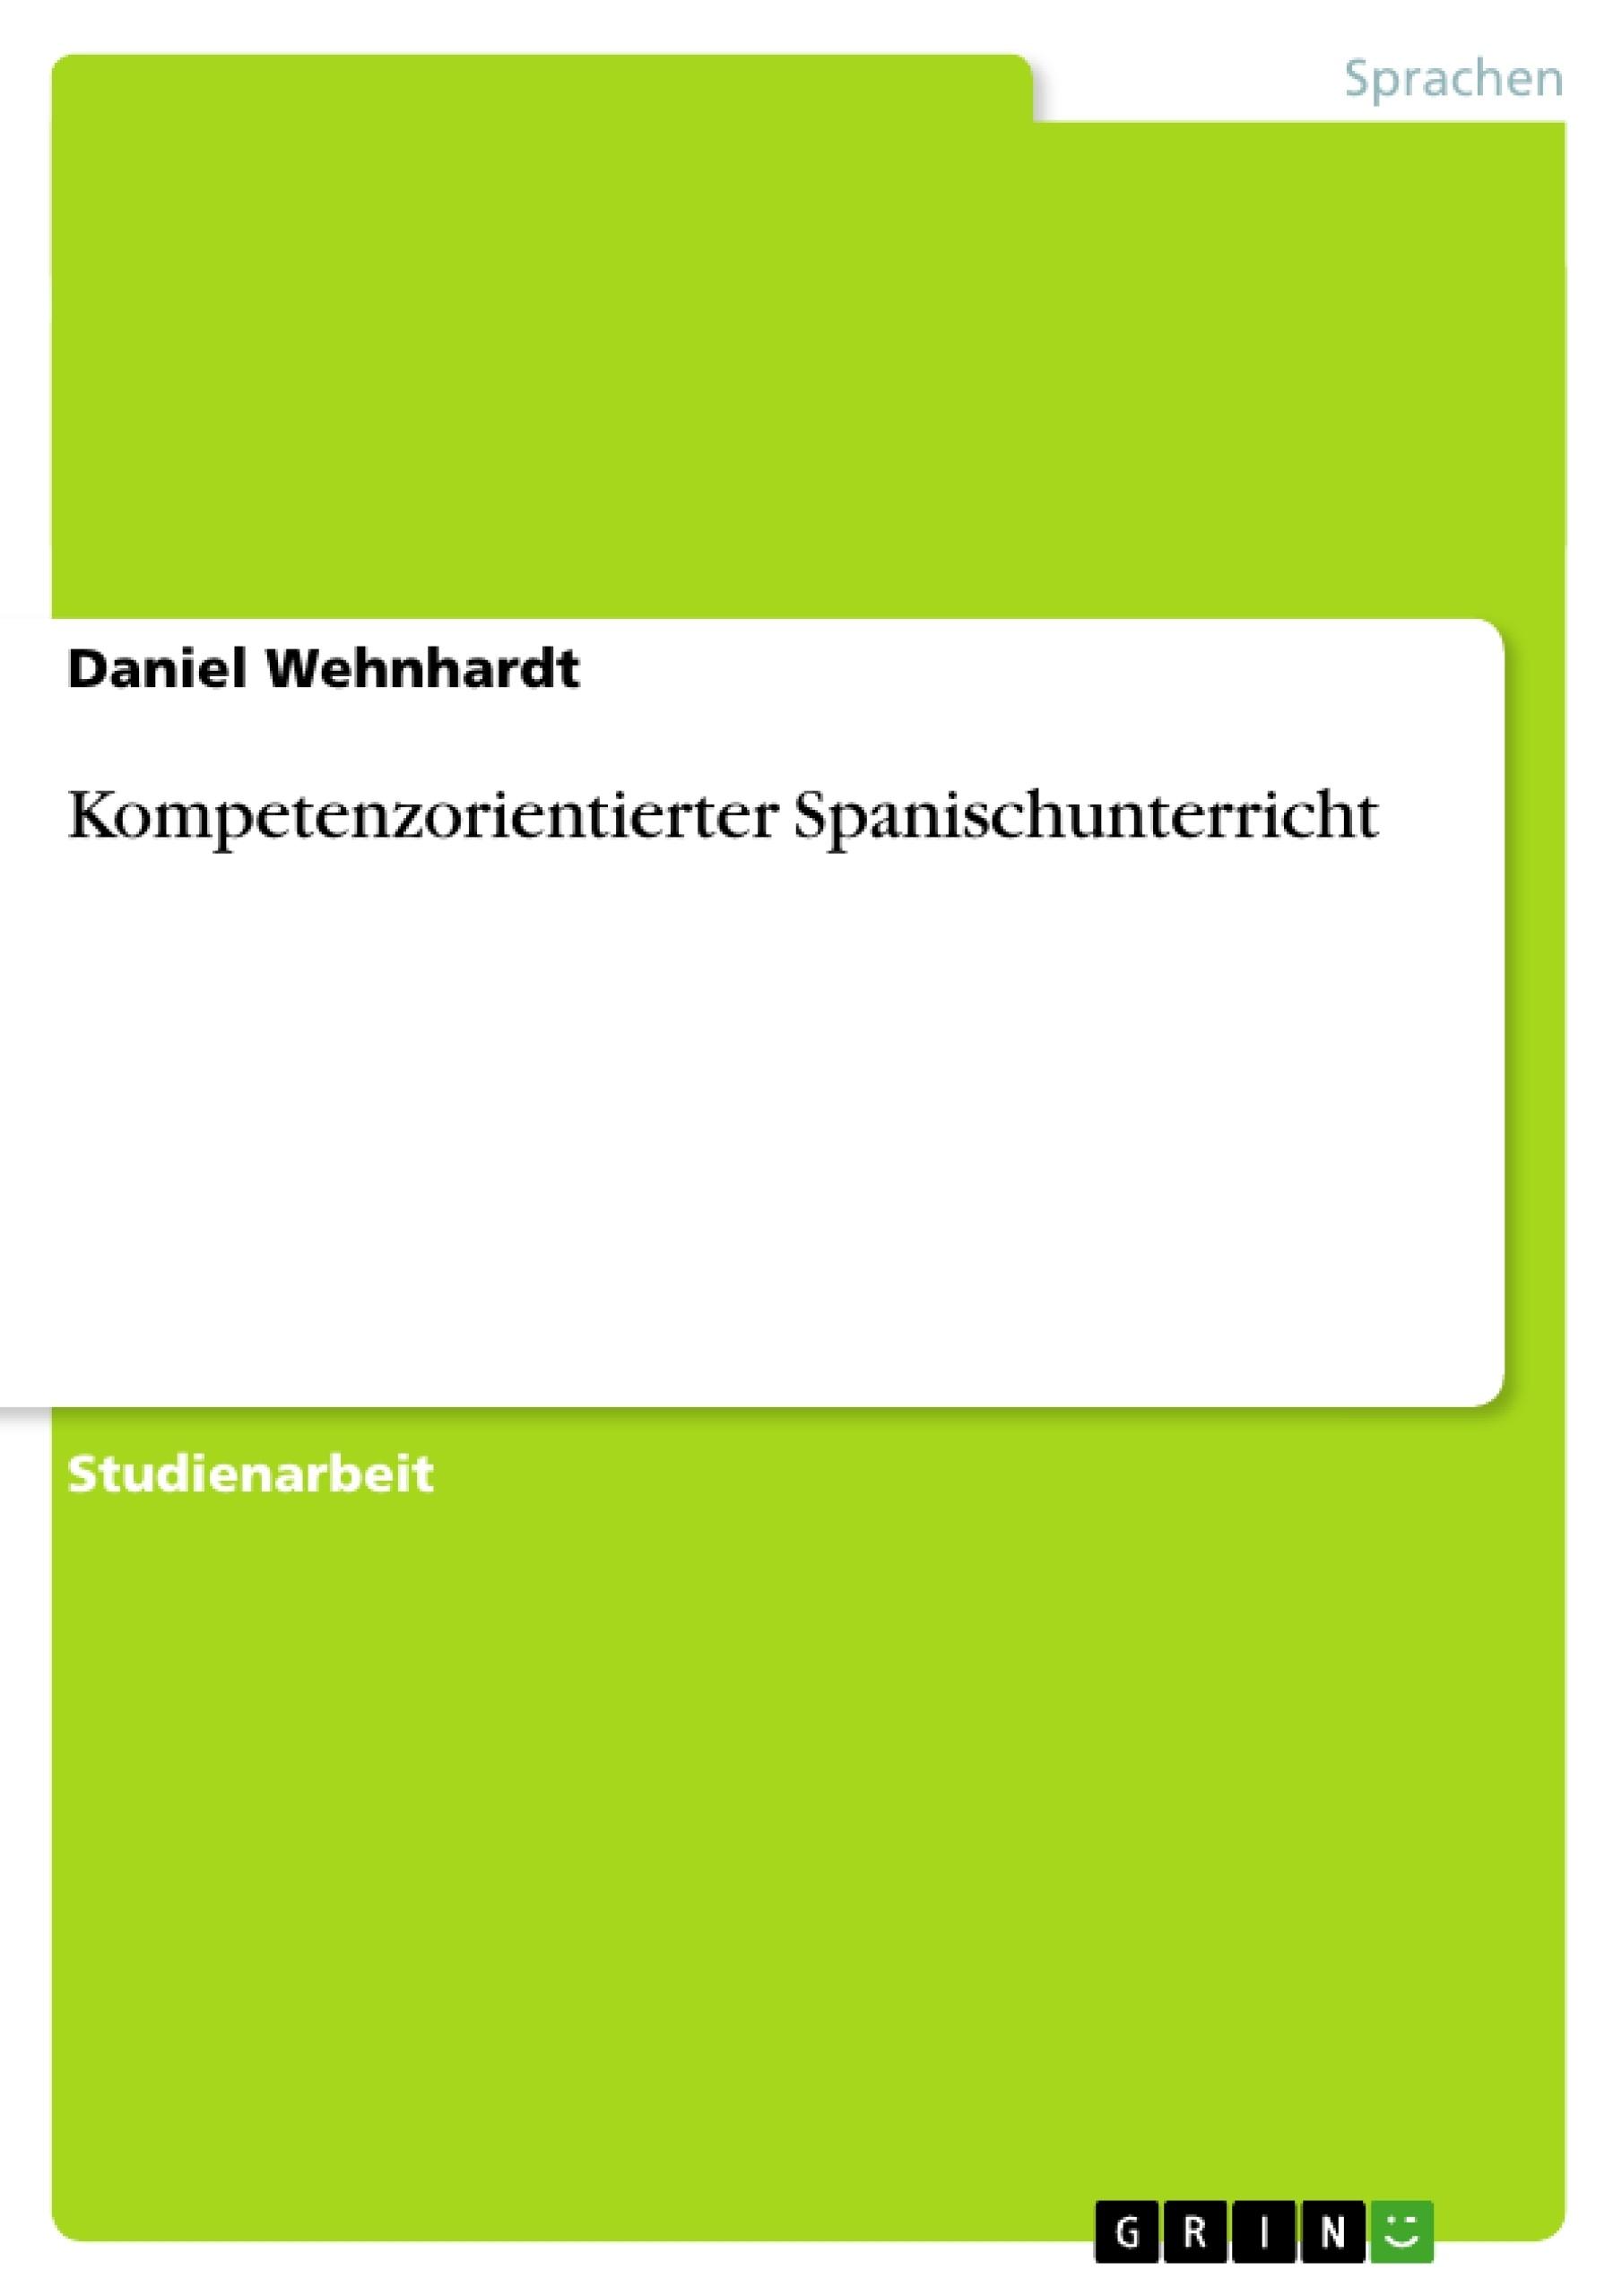 Titel: Kompetenzorientierter Spanischunterricht